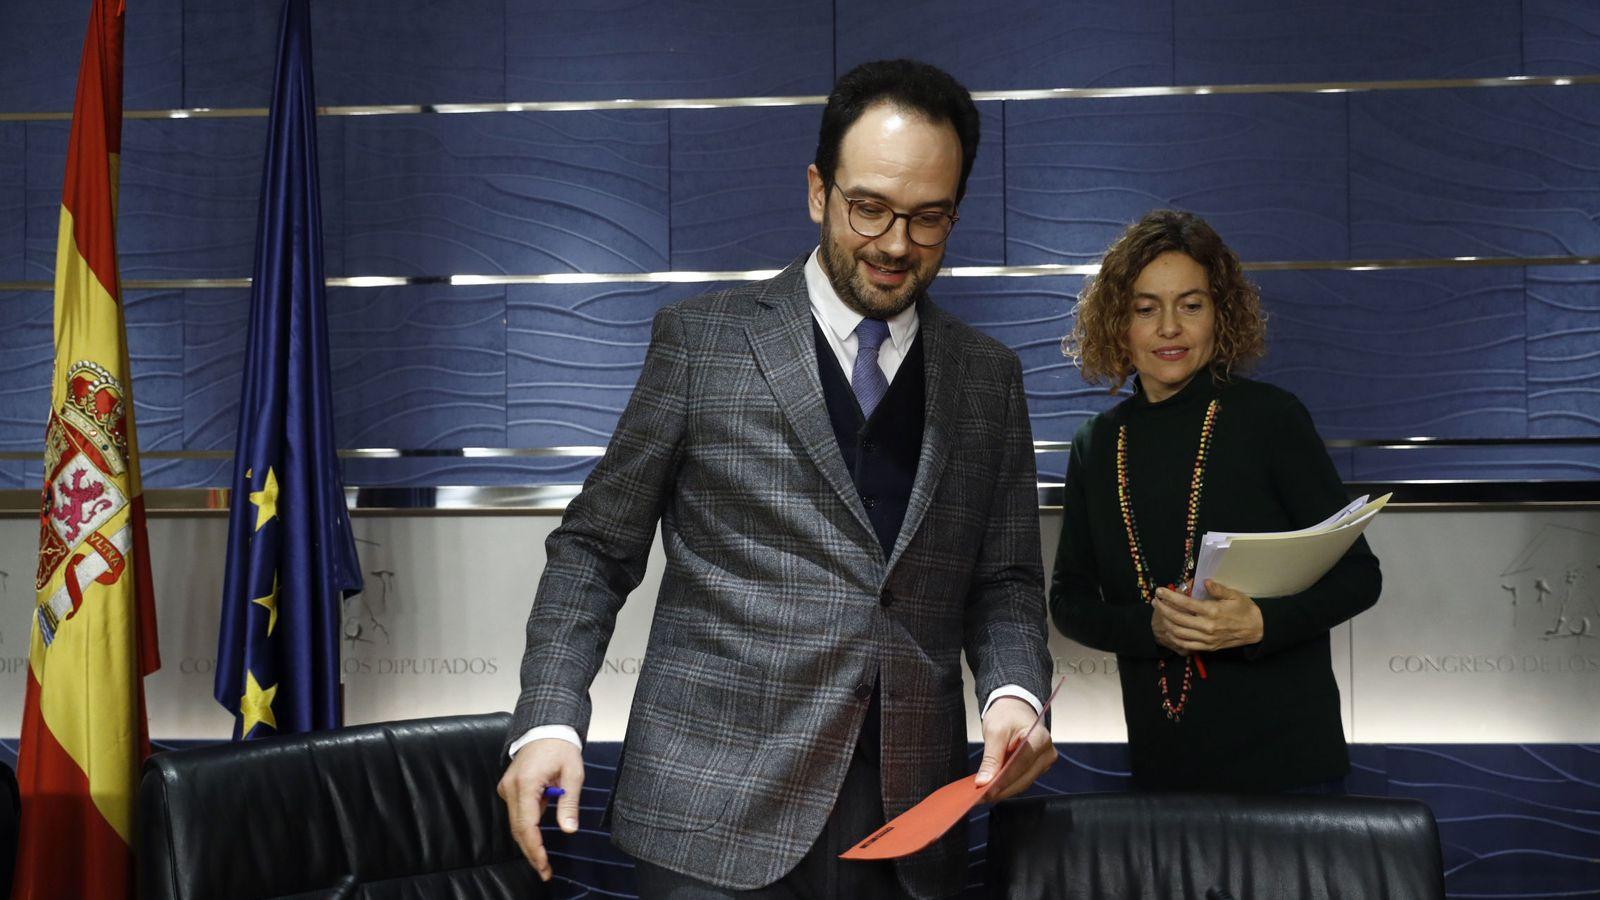 Foto: El portavoz socialista en el Congreso, Antonio Hernando, con la diputada Meritxell Batet, el pasado 13 de febrero. (EFE)